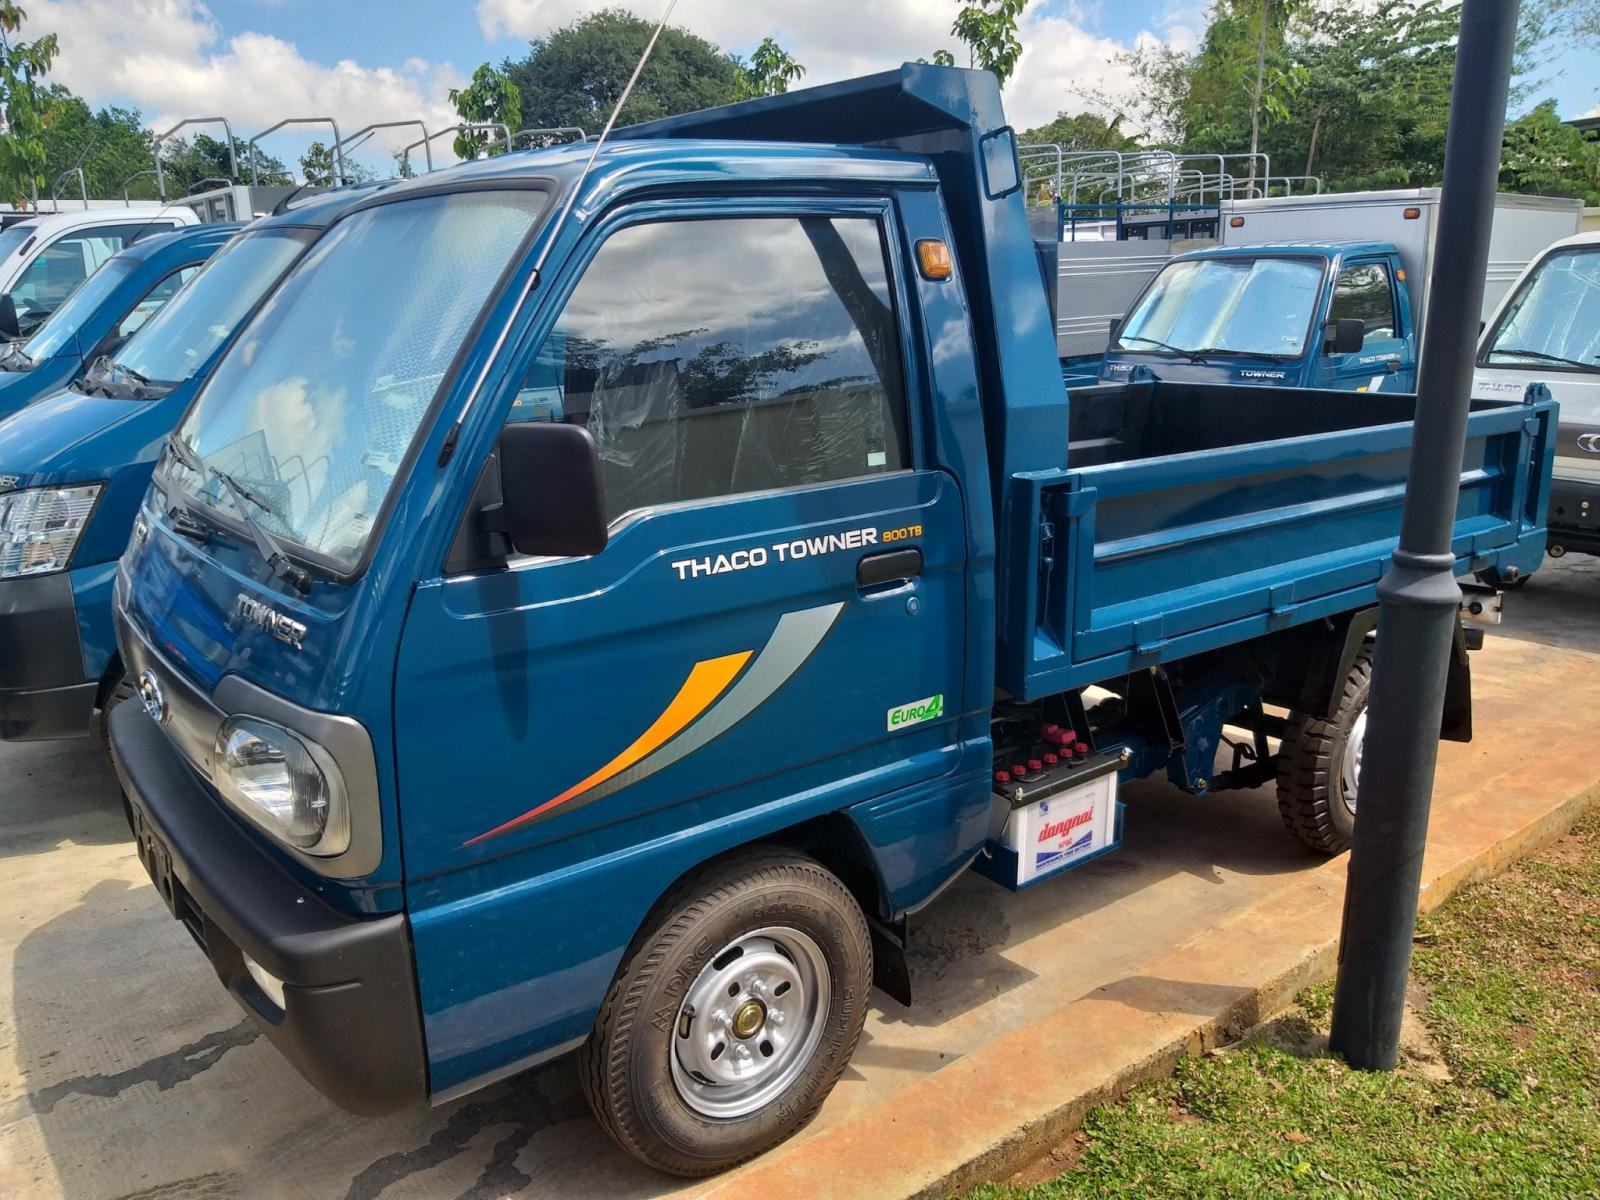 Towner800 tải ben đại lý Vũng Tàu, thích hợp chạy hẻm, giá tốt